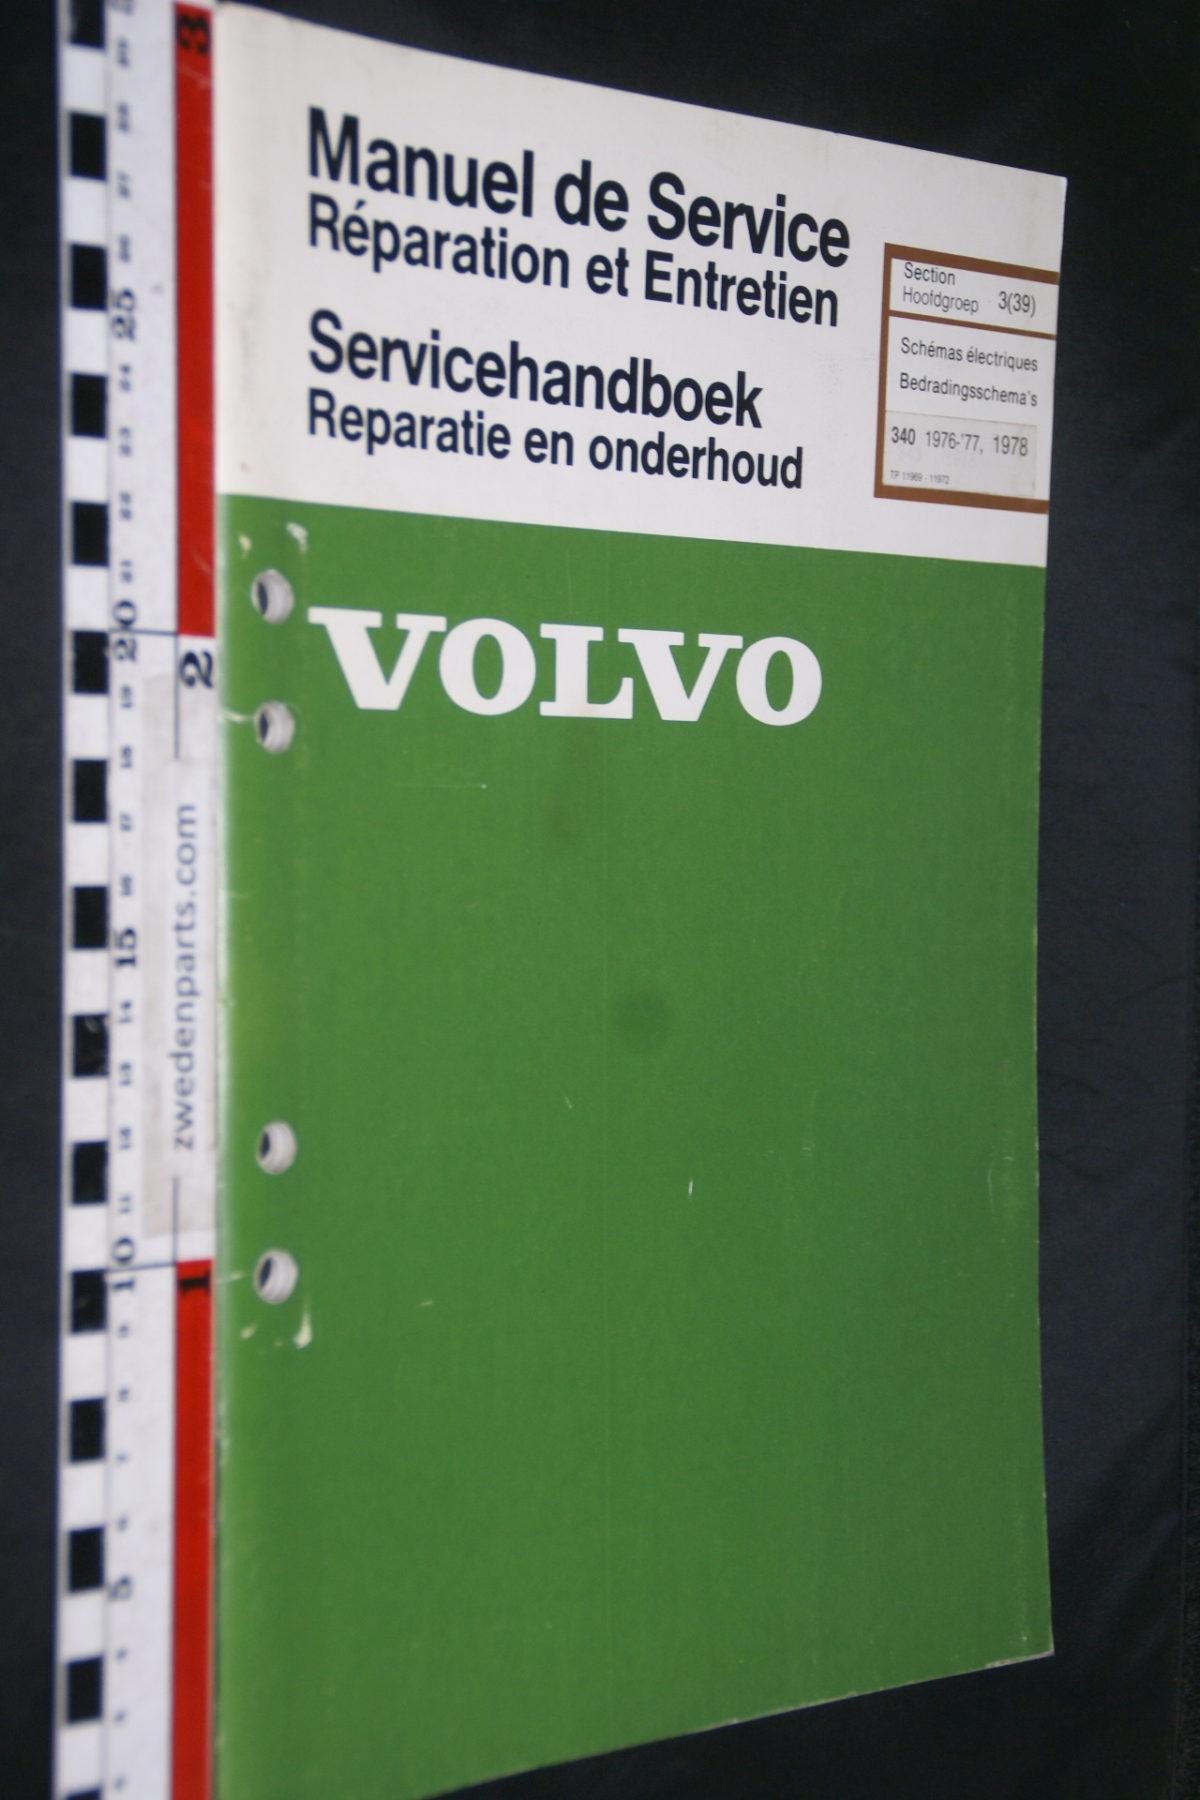 DSC08437 1977 origineel Volvo 340 servicehandboek  3 (39) bedrading 1 van 2.300 TP 11969-1, Francais, Nederlands